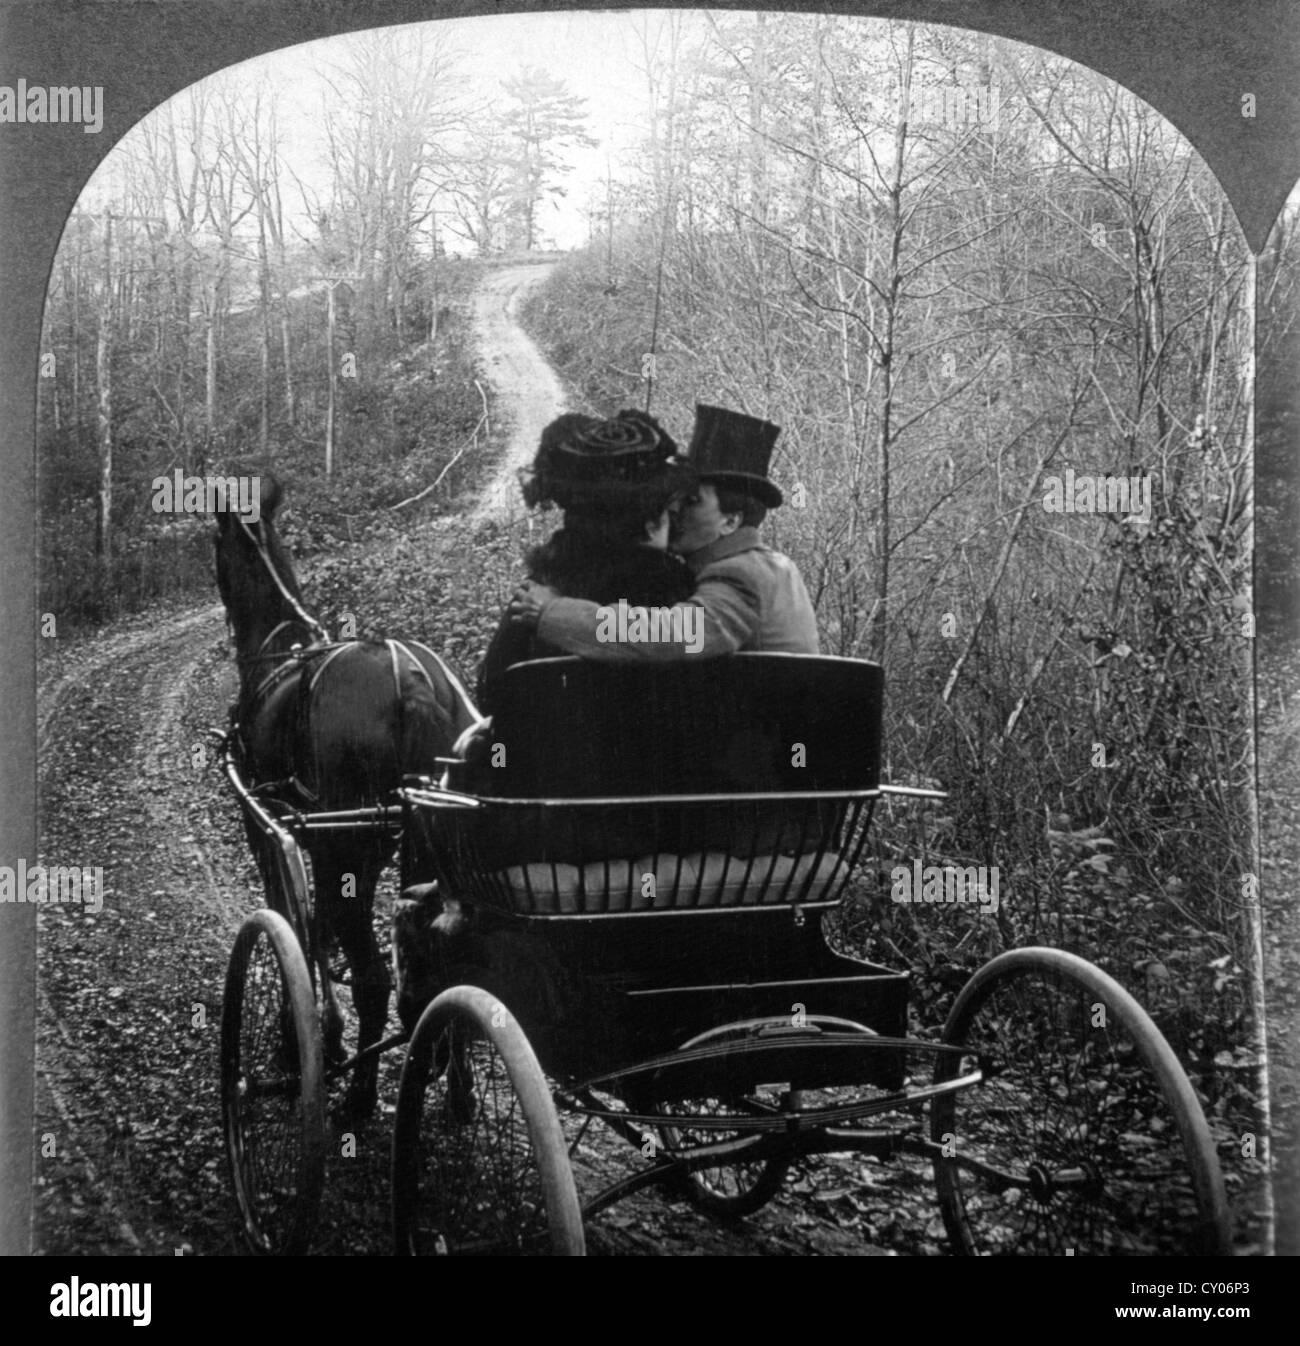 L'homme et la femme dans une calèche, vue arrière, chaîne hi-fi, Photo vers 1901 Photo Stock